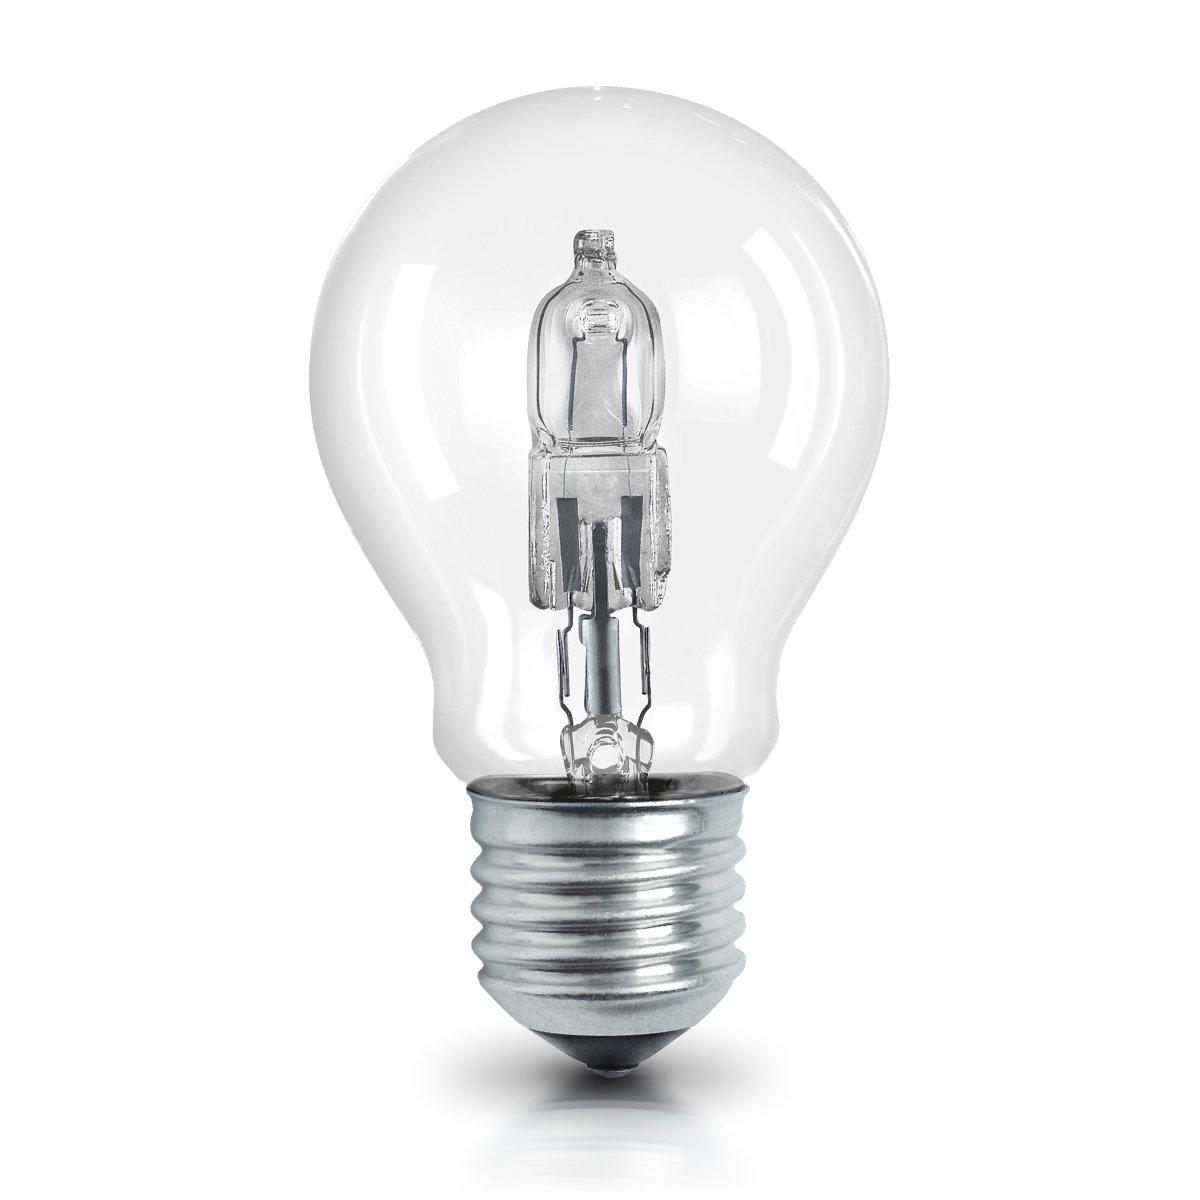 OSRAM Halogen Lampe E27 dimmbar Classic A /  46W - 60 Watt-Ersatz, Halogen Birne als Kolbenlampe / klar, warmweiß - 2700K, 5er-Pack Ledvance 4052899200357